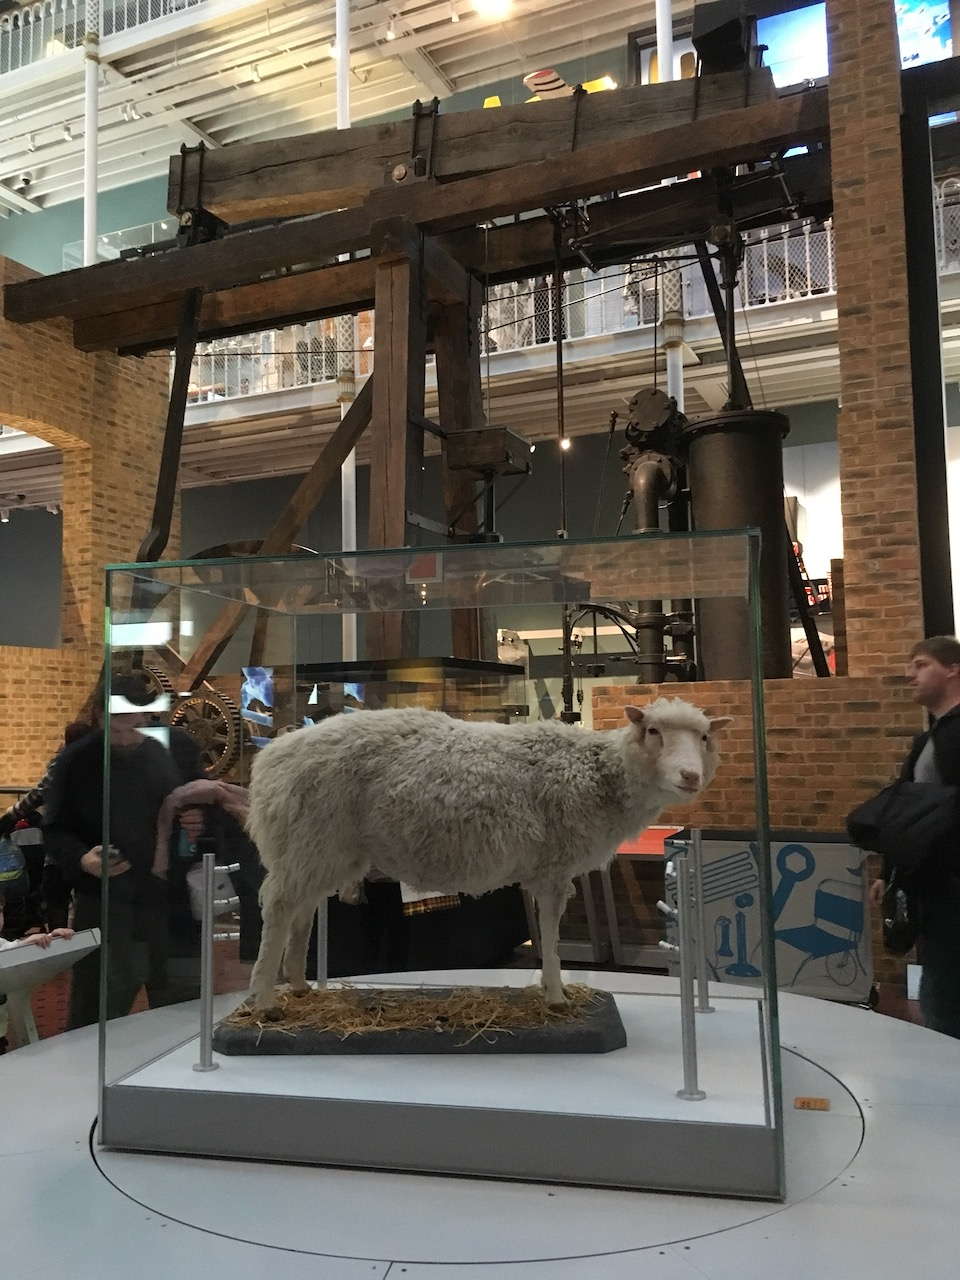 这个玻璃盒子一直在转 Dolly the sheep一定很晕吧;背景是瓦特1786年设计的蒸汽机